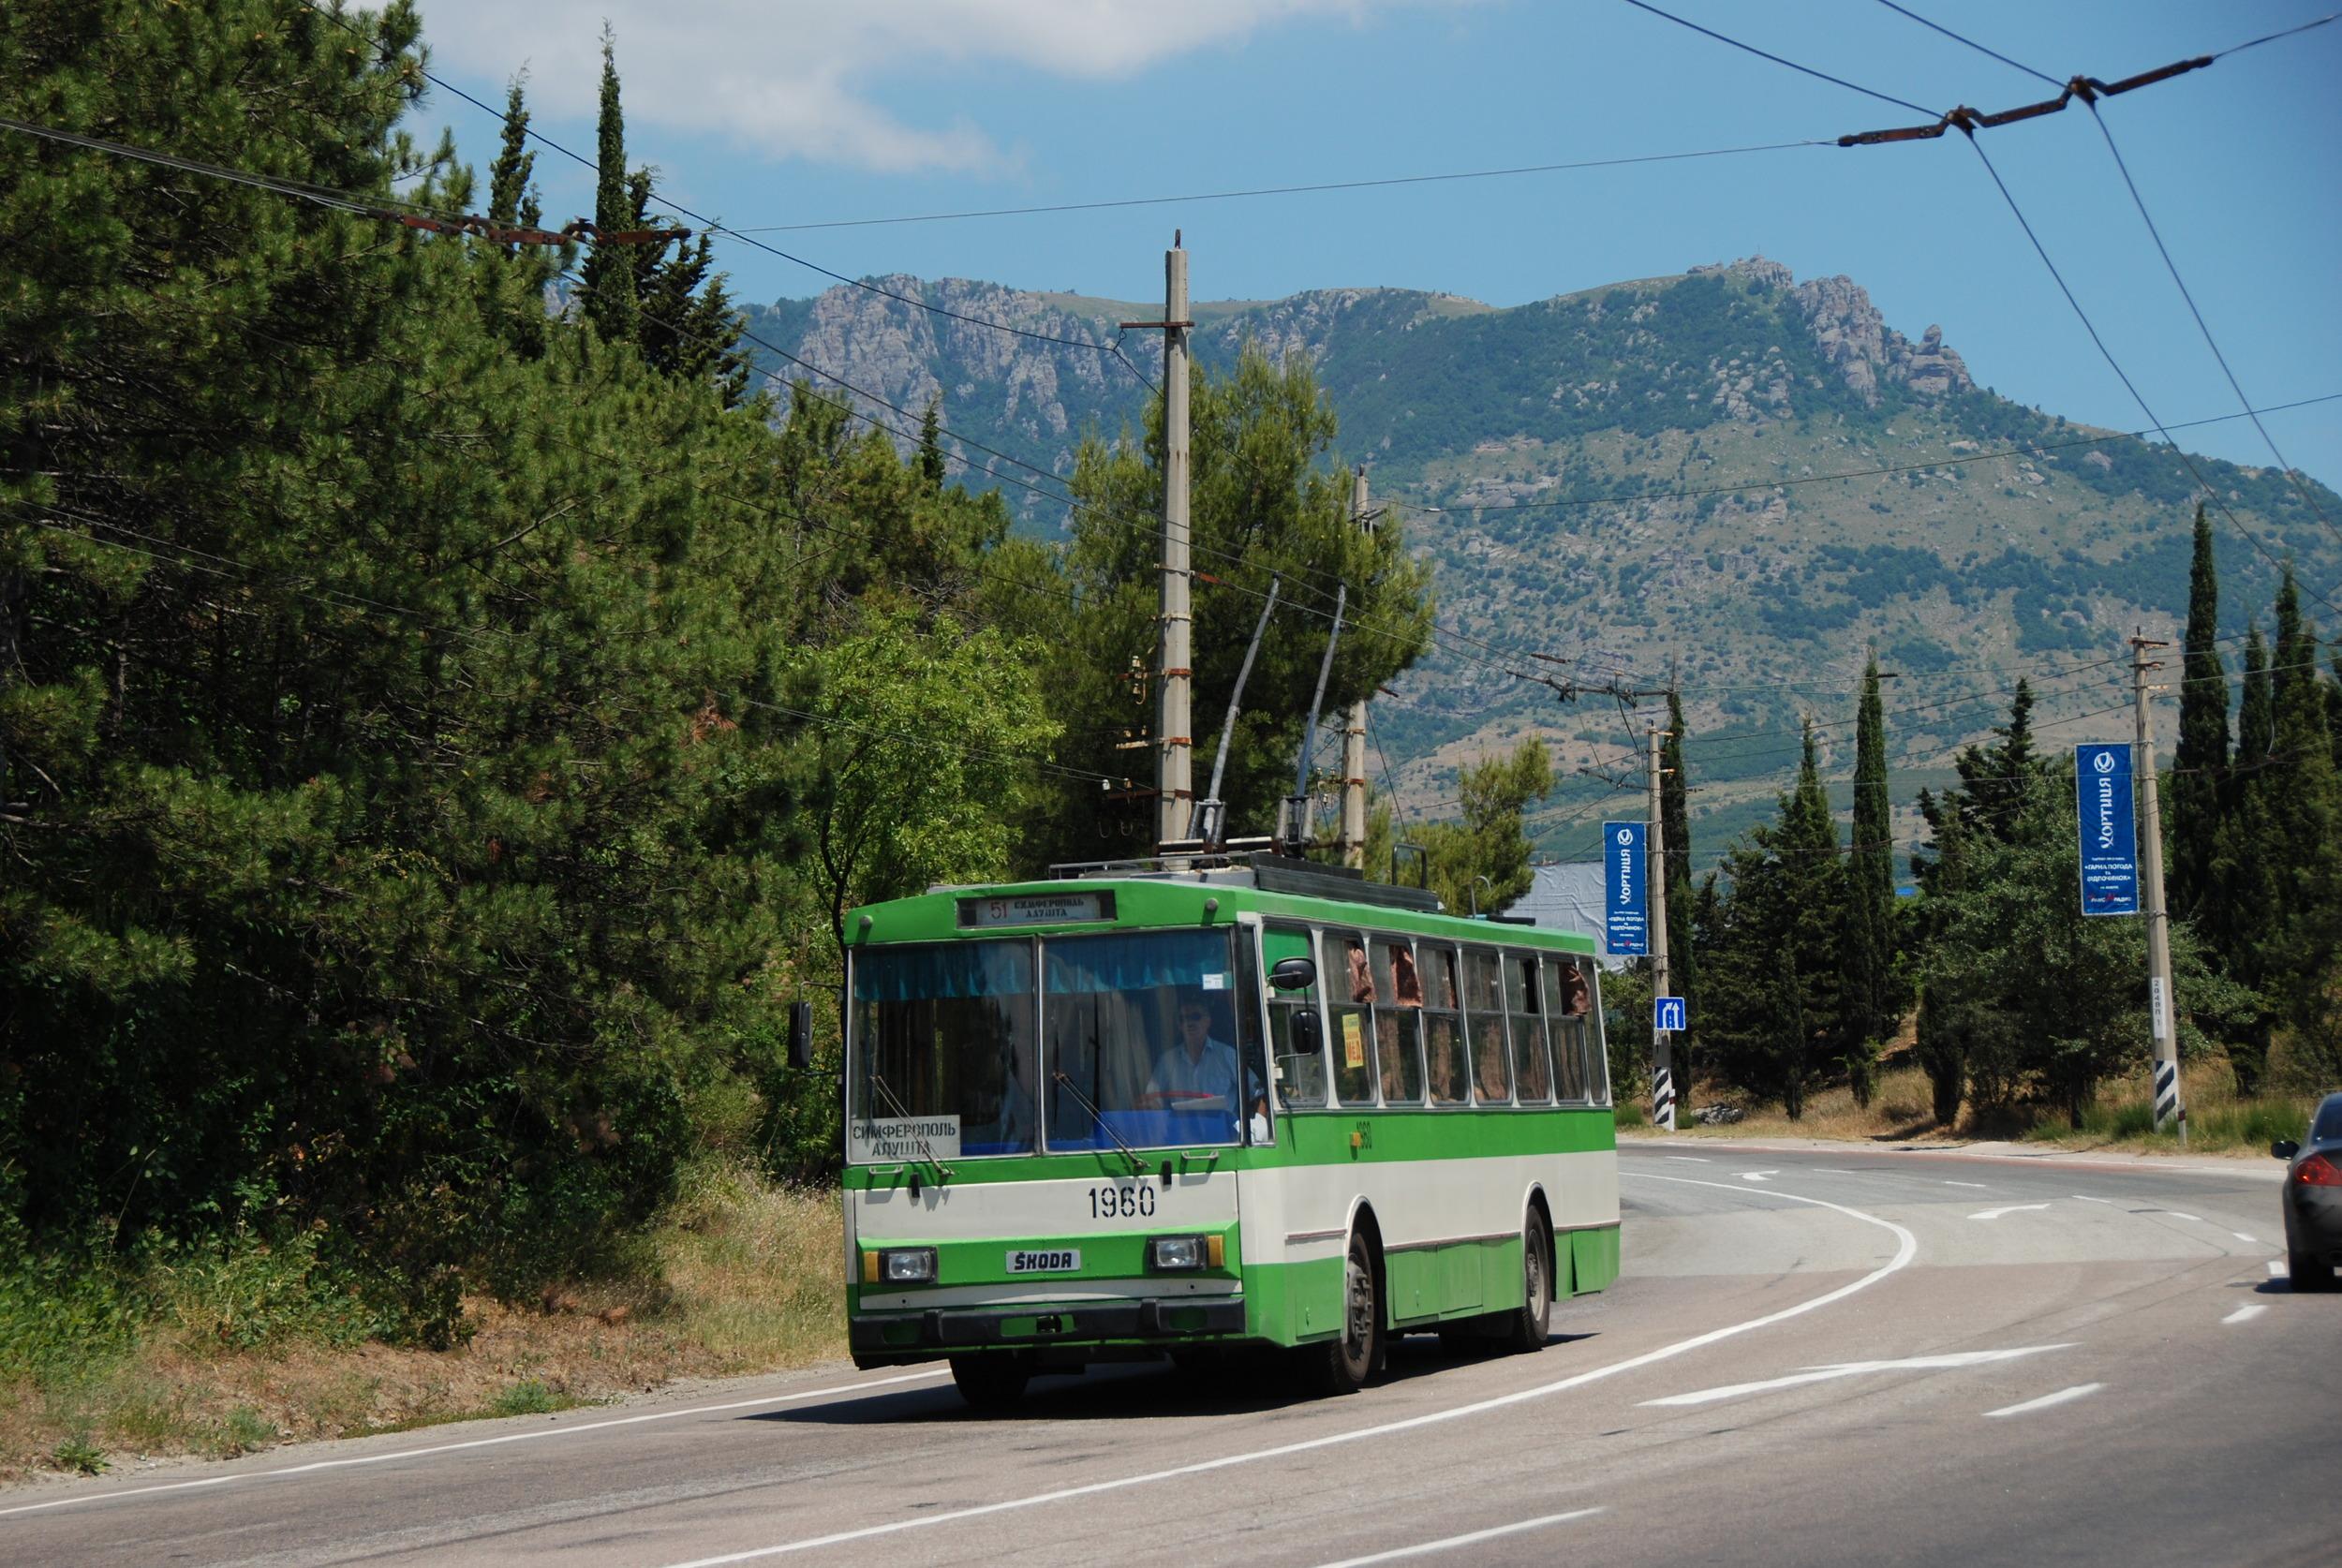 Nádhernou krajinou hor a vinic vede meziměstská trať Simferopol - Alušta - Jalta, která překonává horský průsmyk a klesá směrem k Černému moři. Na snímku jeden z vozů Škoda 14 Tr. (foto: Libor Hinčica)